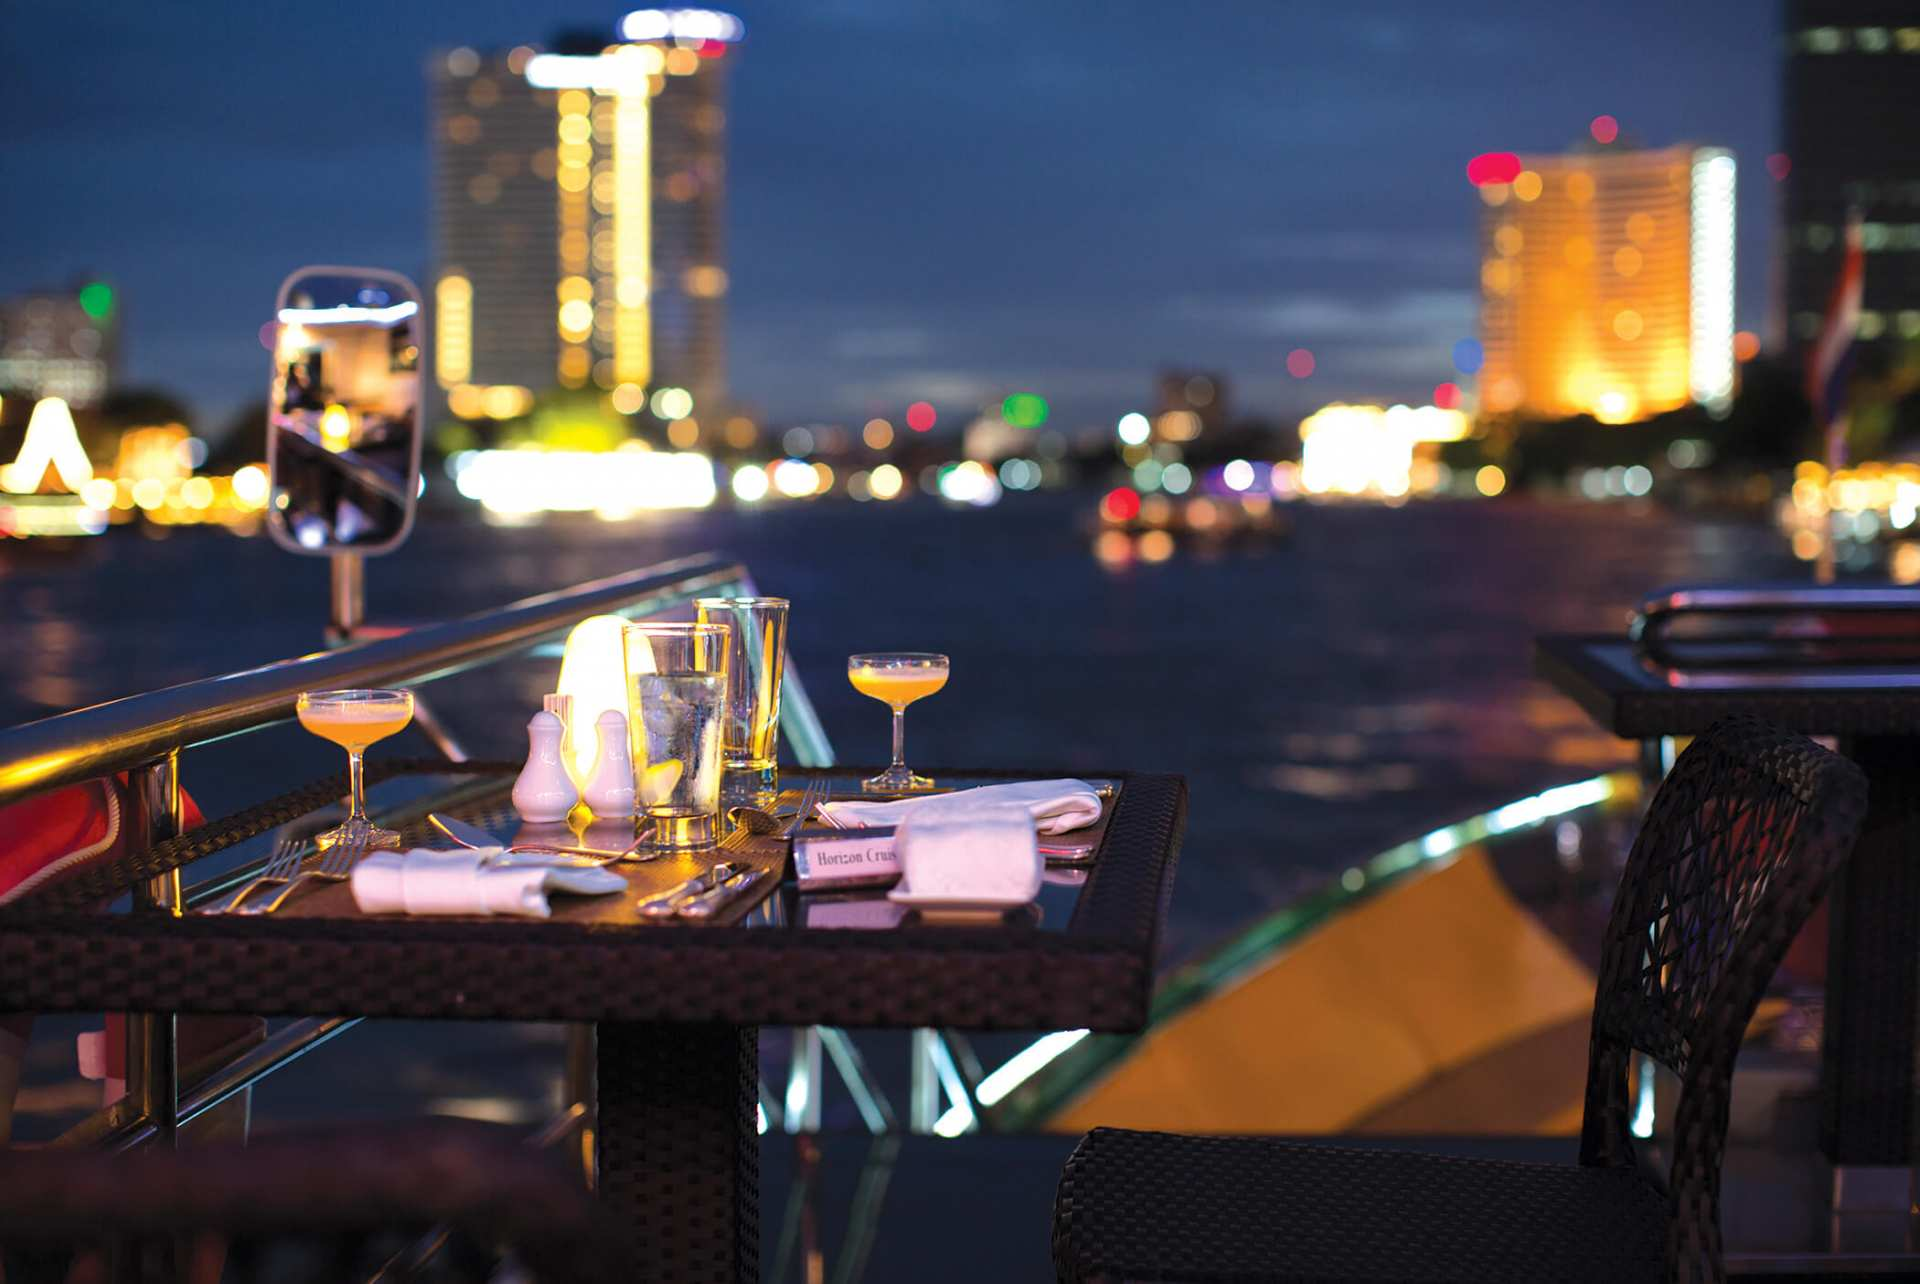 【バンコク】シャングリラホテル・ホライゾン・ディナークルーズ:利用チケット